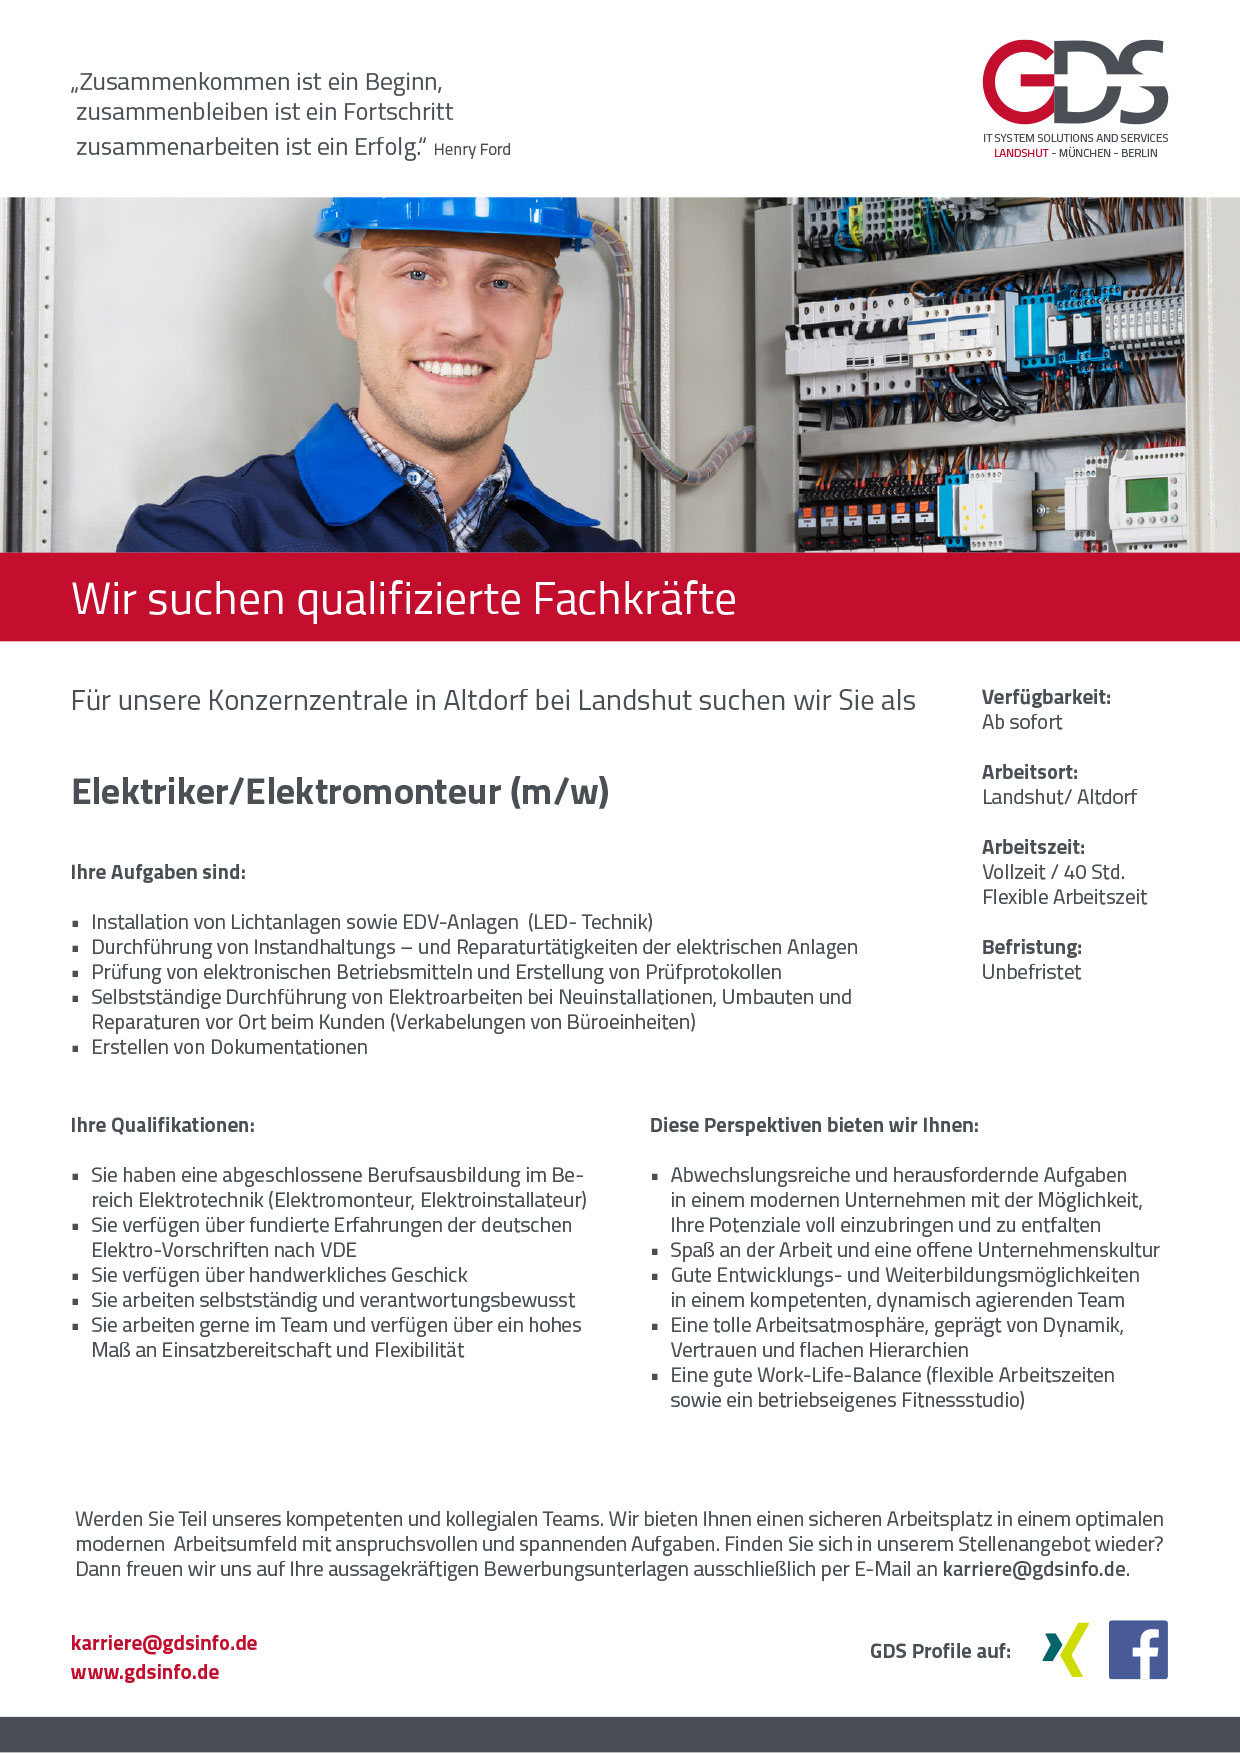 Elektriker/Elektromonteur (m/w)